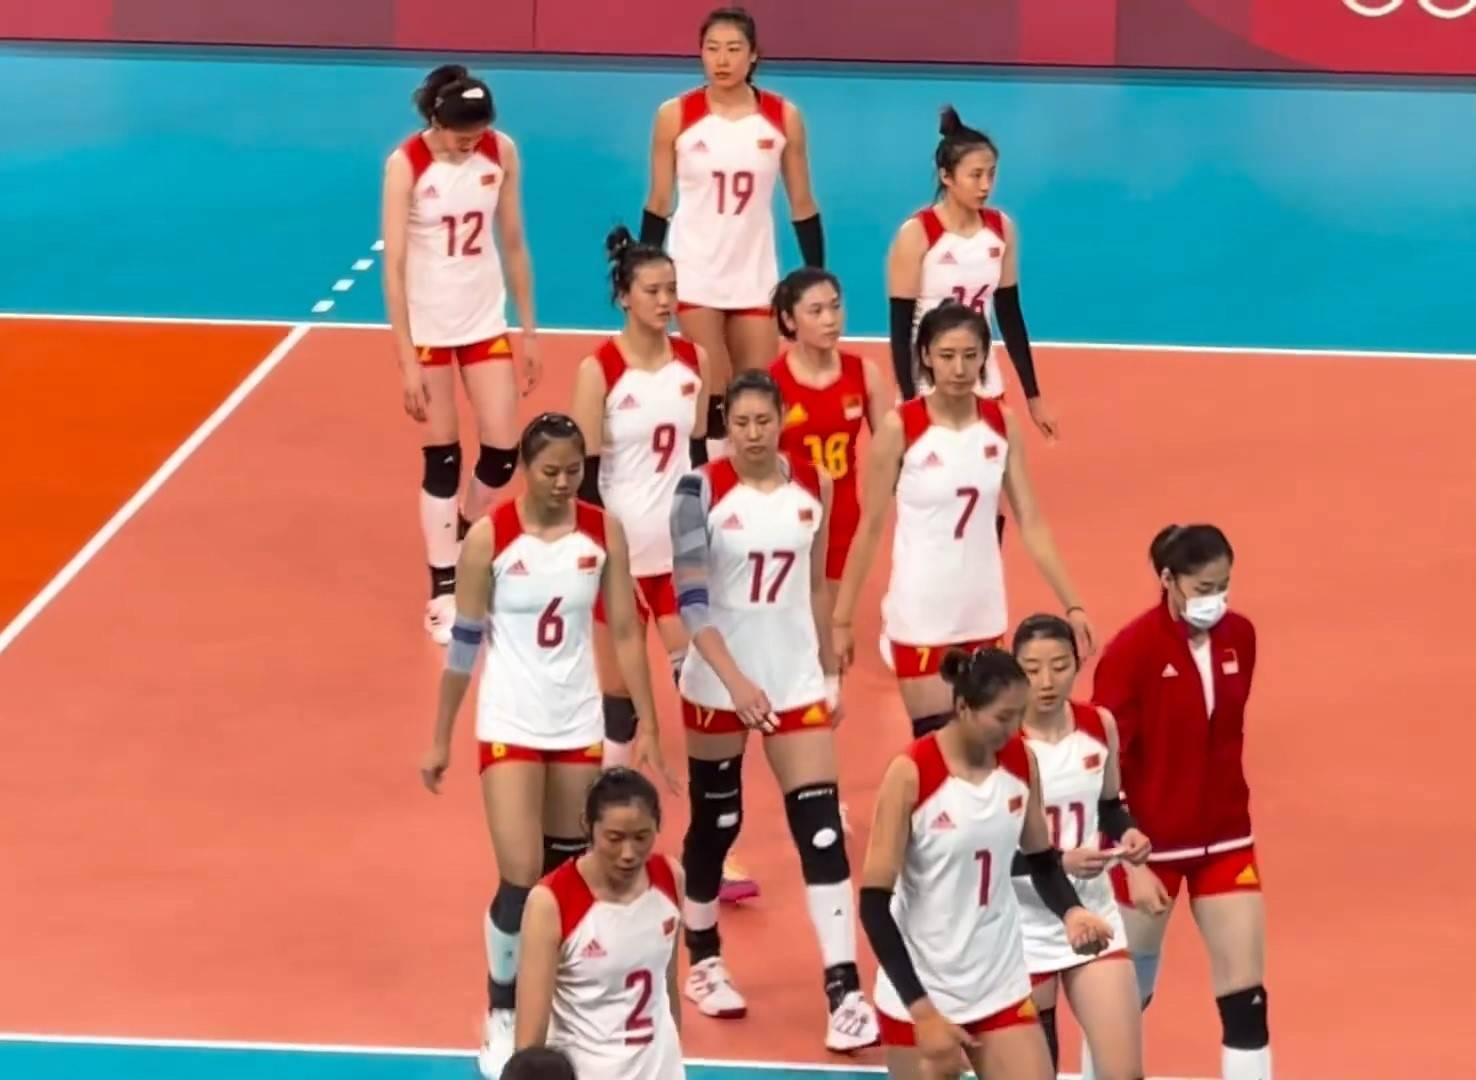 太心疼!中国女排与对手致意后黯